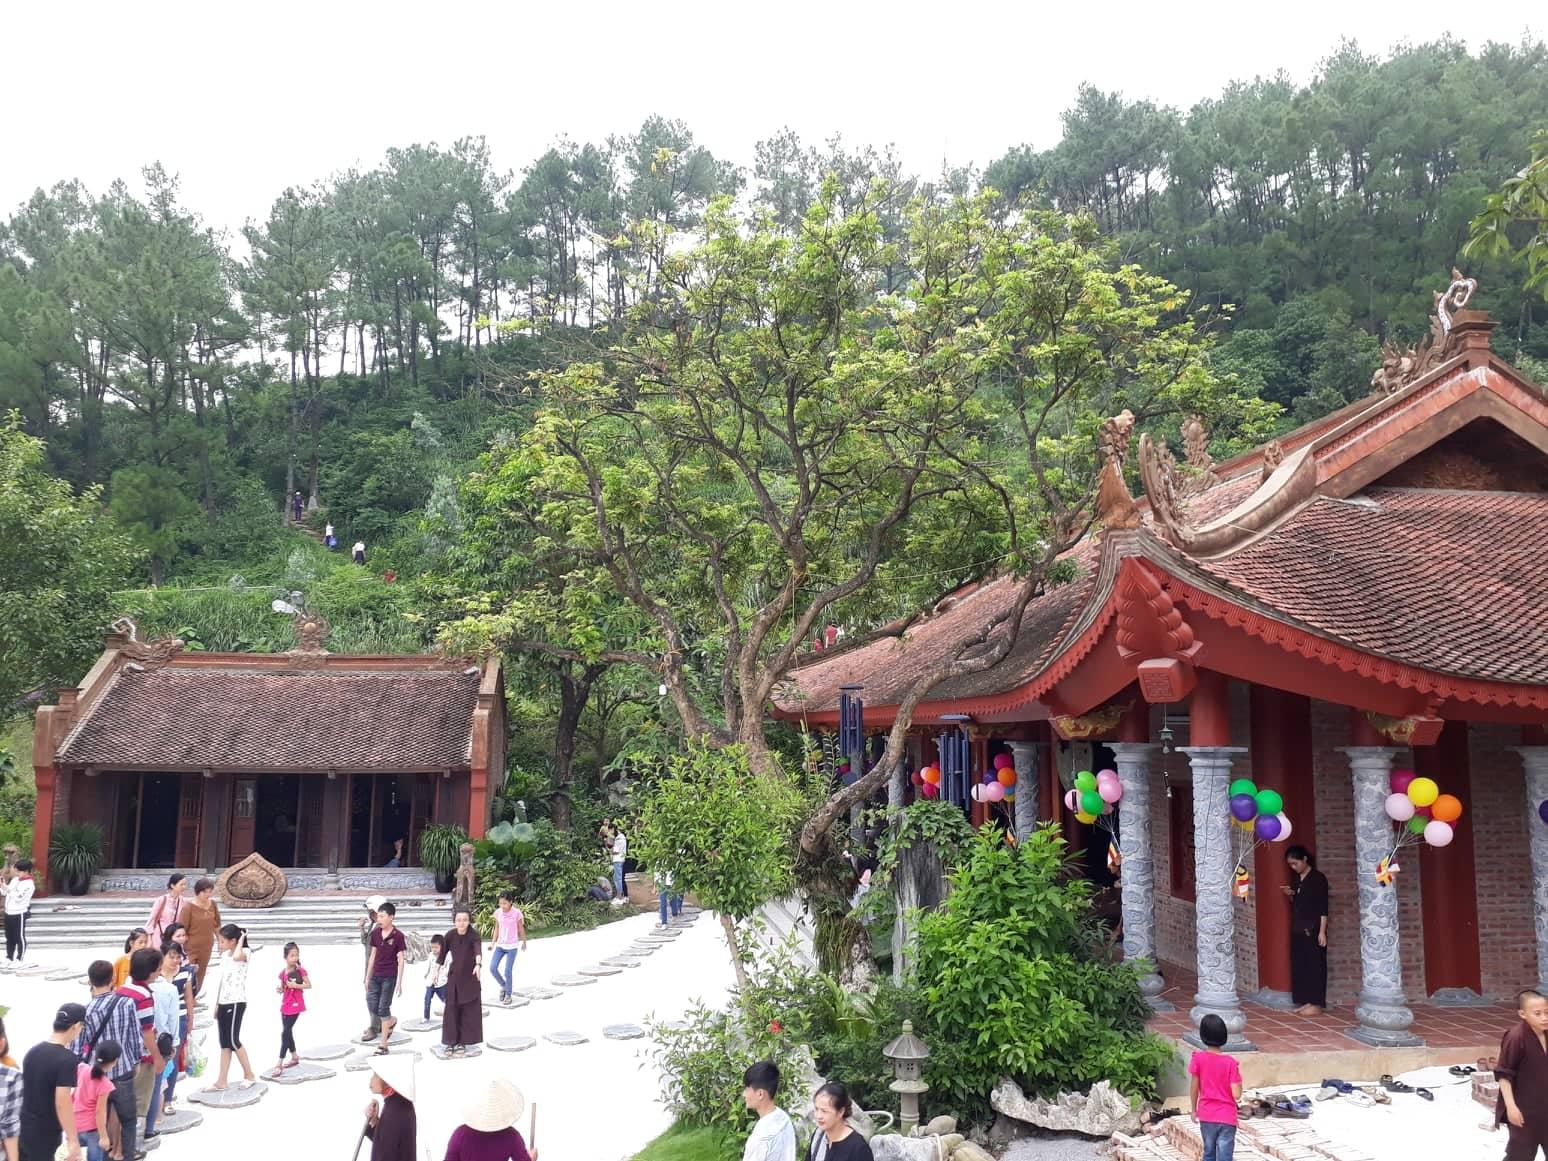 Chùa Địa Tạng Phi Lai Tự - ngôi chùa nổi tiếng với nét đẹp yên bình tại Hà Nam